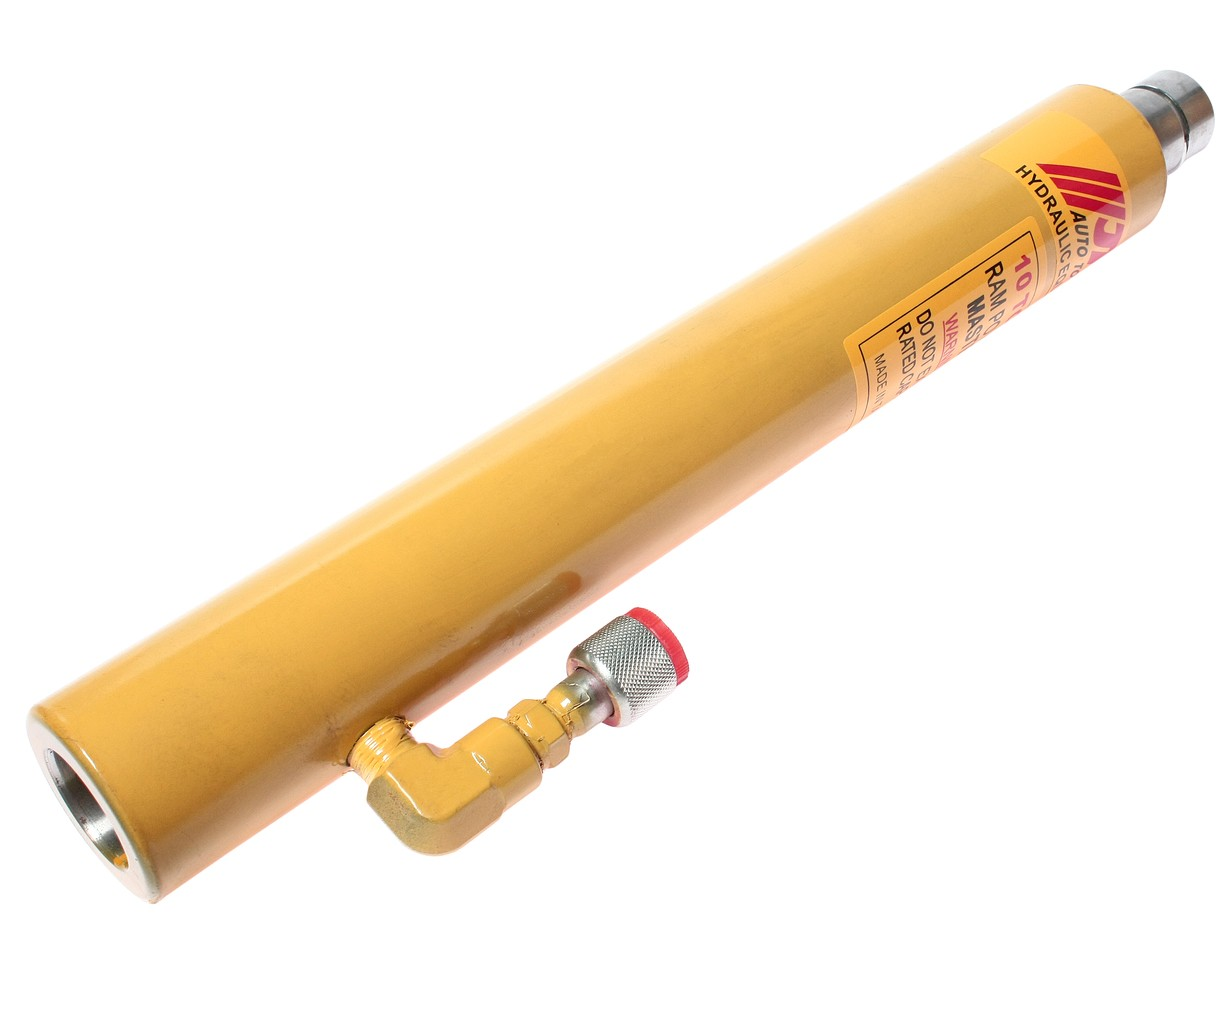 JTC-8P102 Гидроцилиндр силовой, усилие 10т, шток 250мм, высота 453-707мм